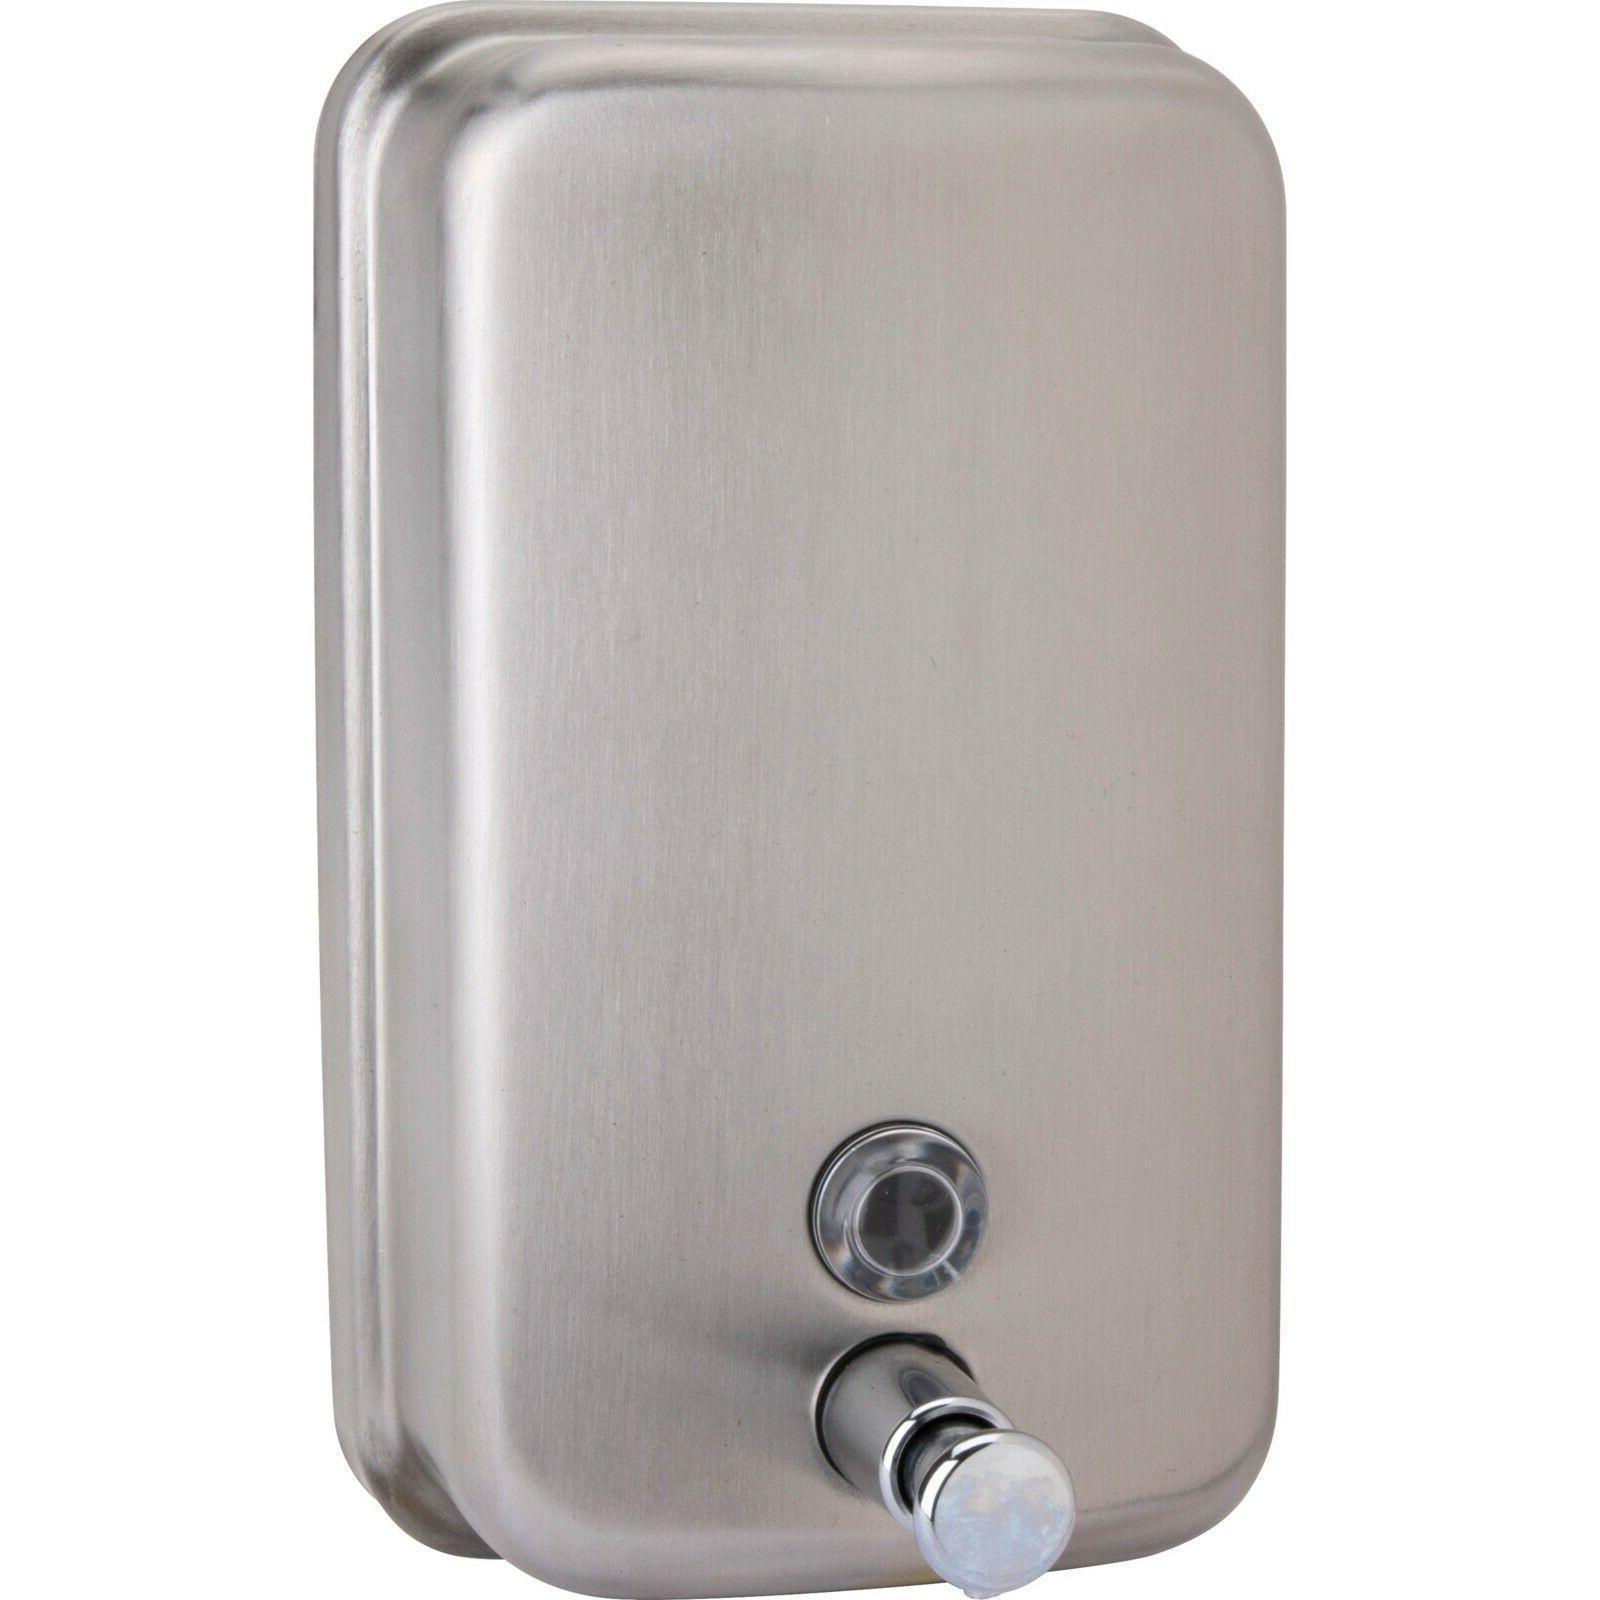 gjo 02201 stainless steel soap